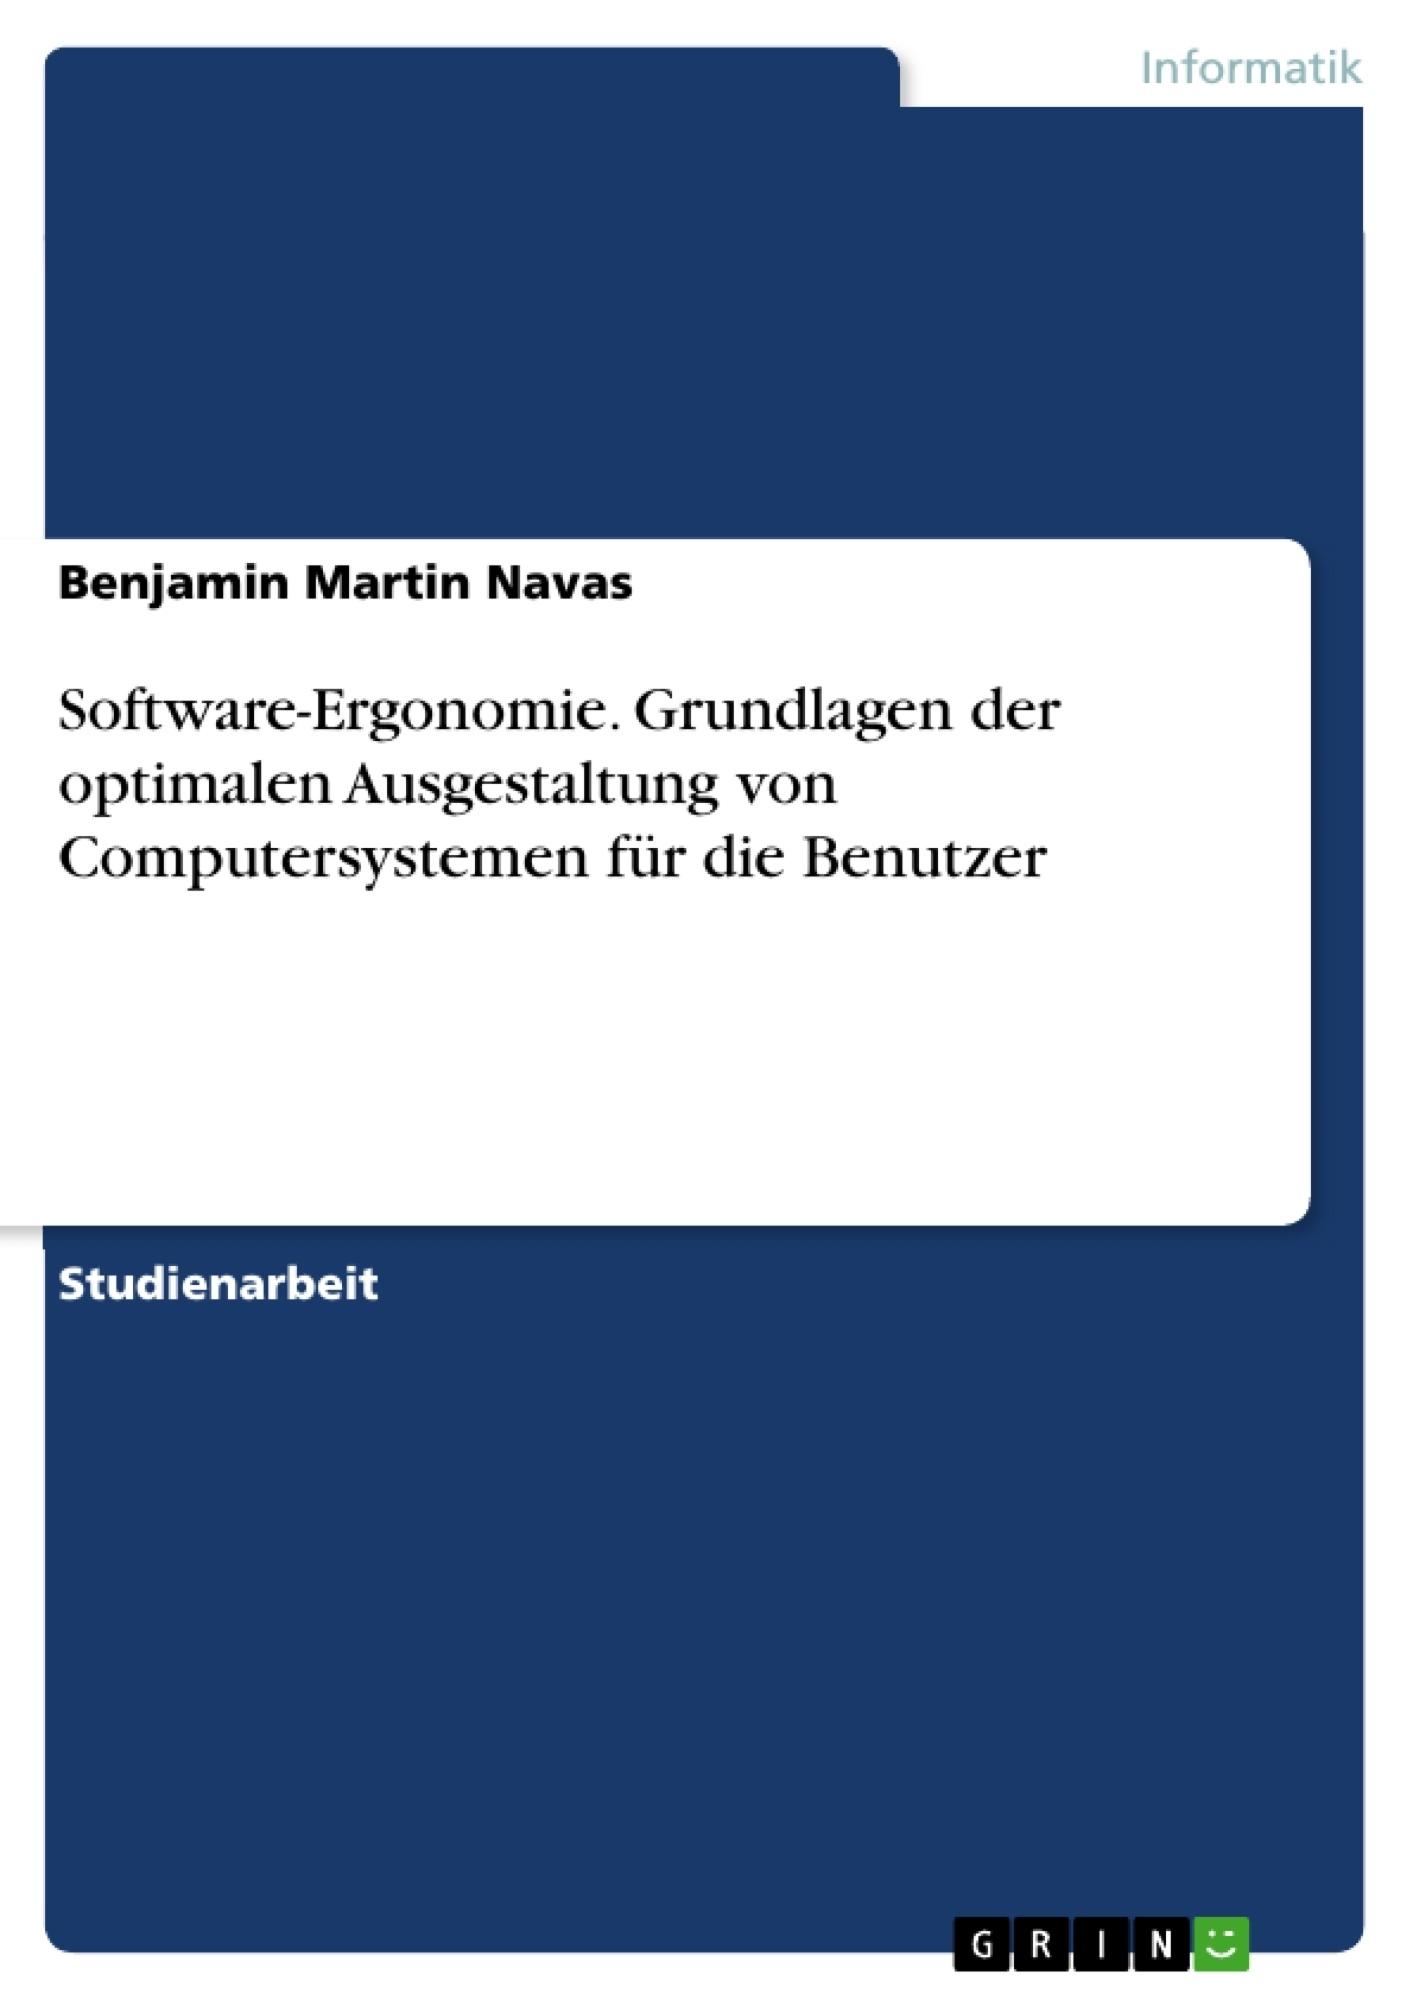 Titel: Software-Ergonomie. Grundlagen der optimalen Ausgestaltung von Computersystemen für die Benutzer